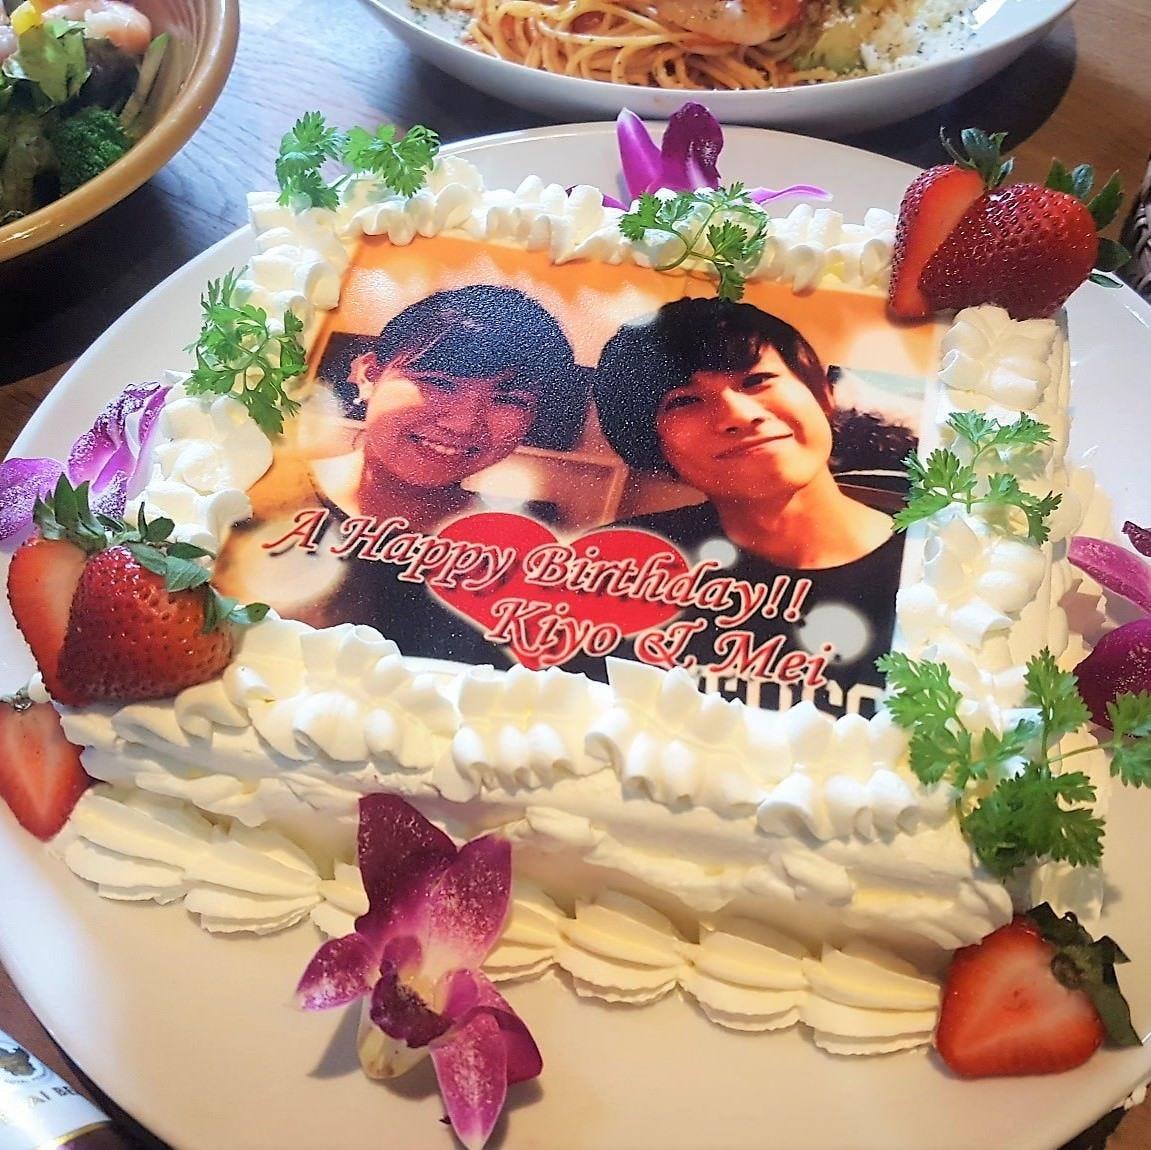 《誕生日・記念日なら2時間飲み放題×全9品》写真ケーキ付「記念日」プラン4,000円